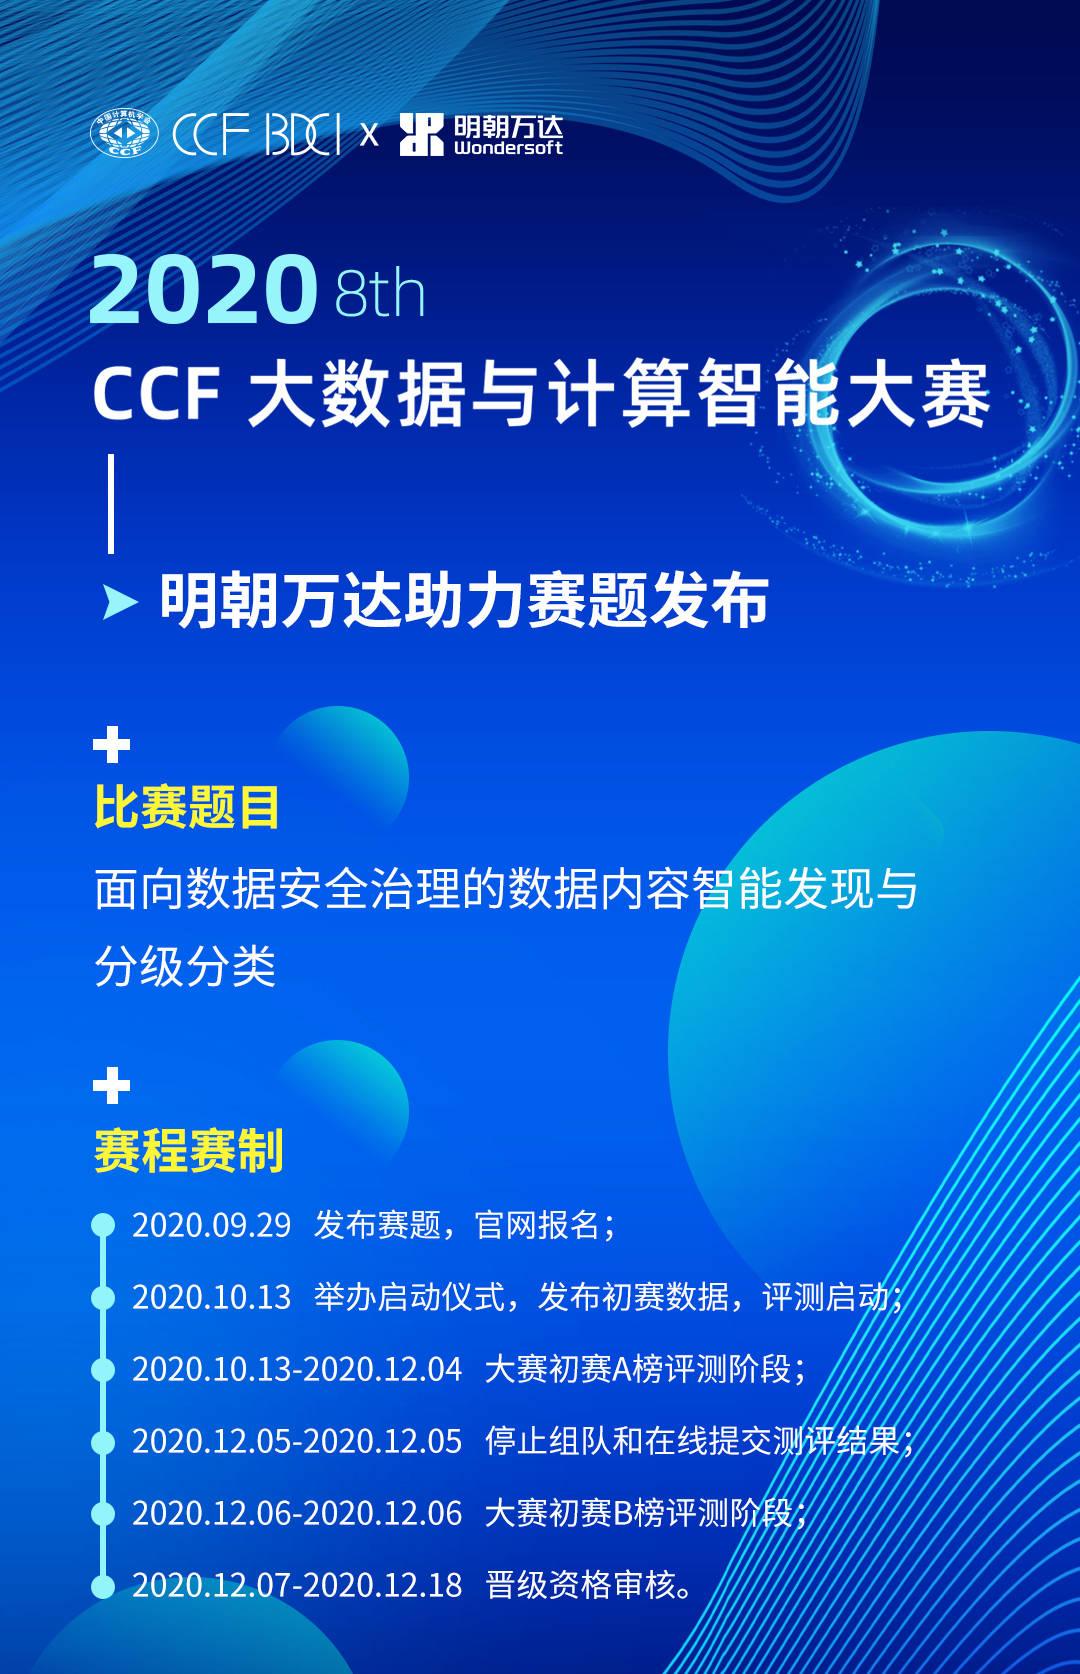 明朝万达助力CCF大数据与计算智能大赛,诚邀数据精英同台竞技